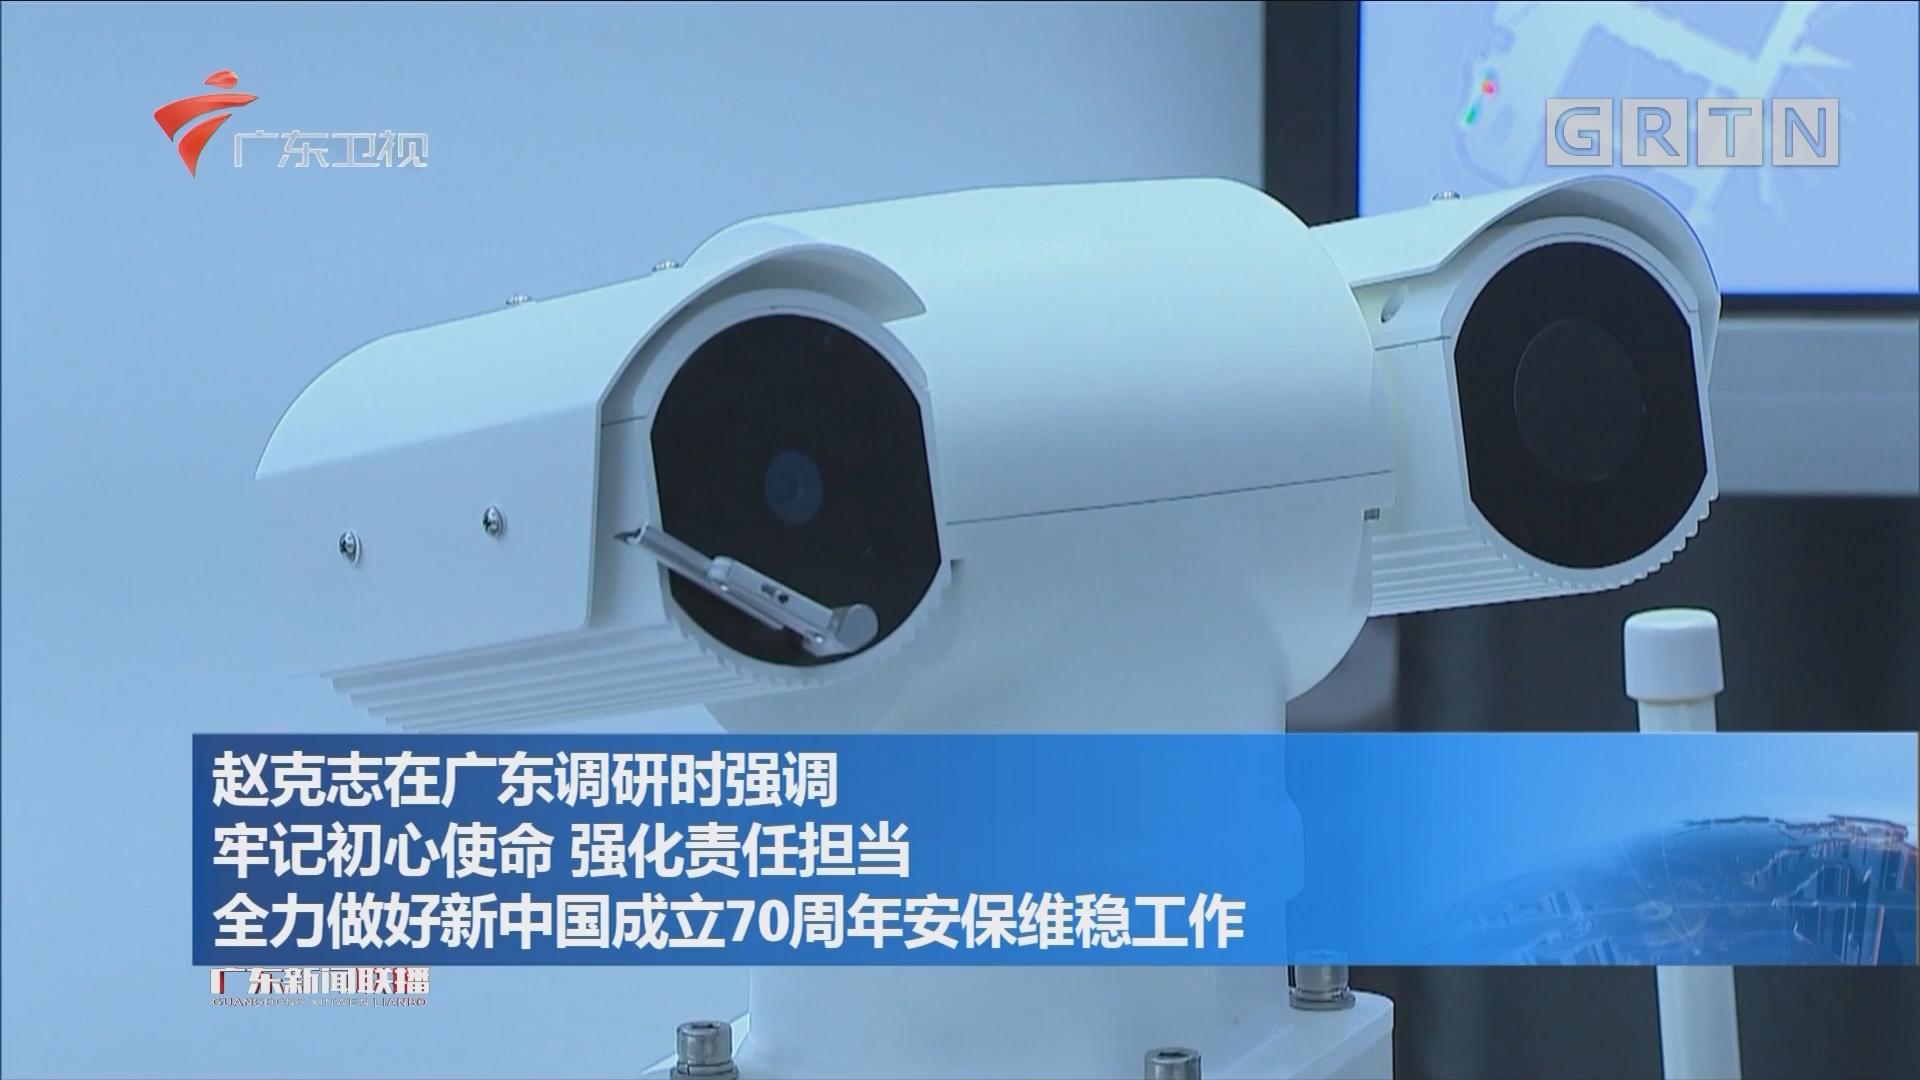 赵克志在广东调研时强调 牢记初心使命 强化责任担当 全力做好新中国成立70周年安保维稳工作